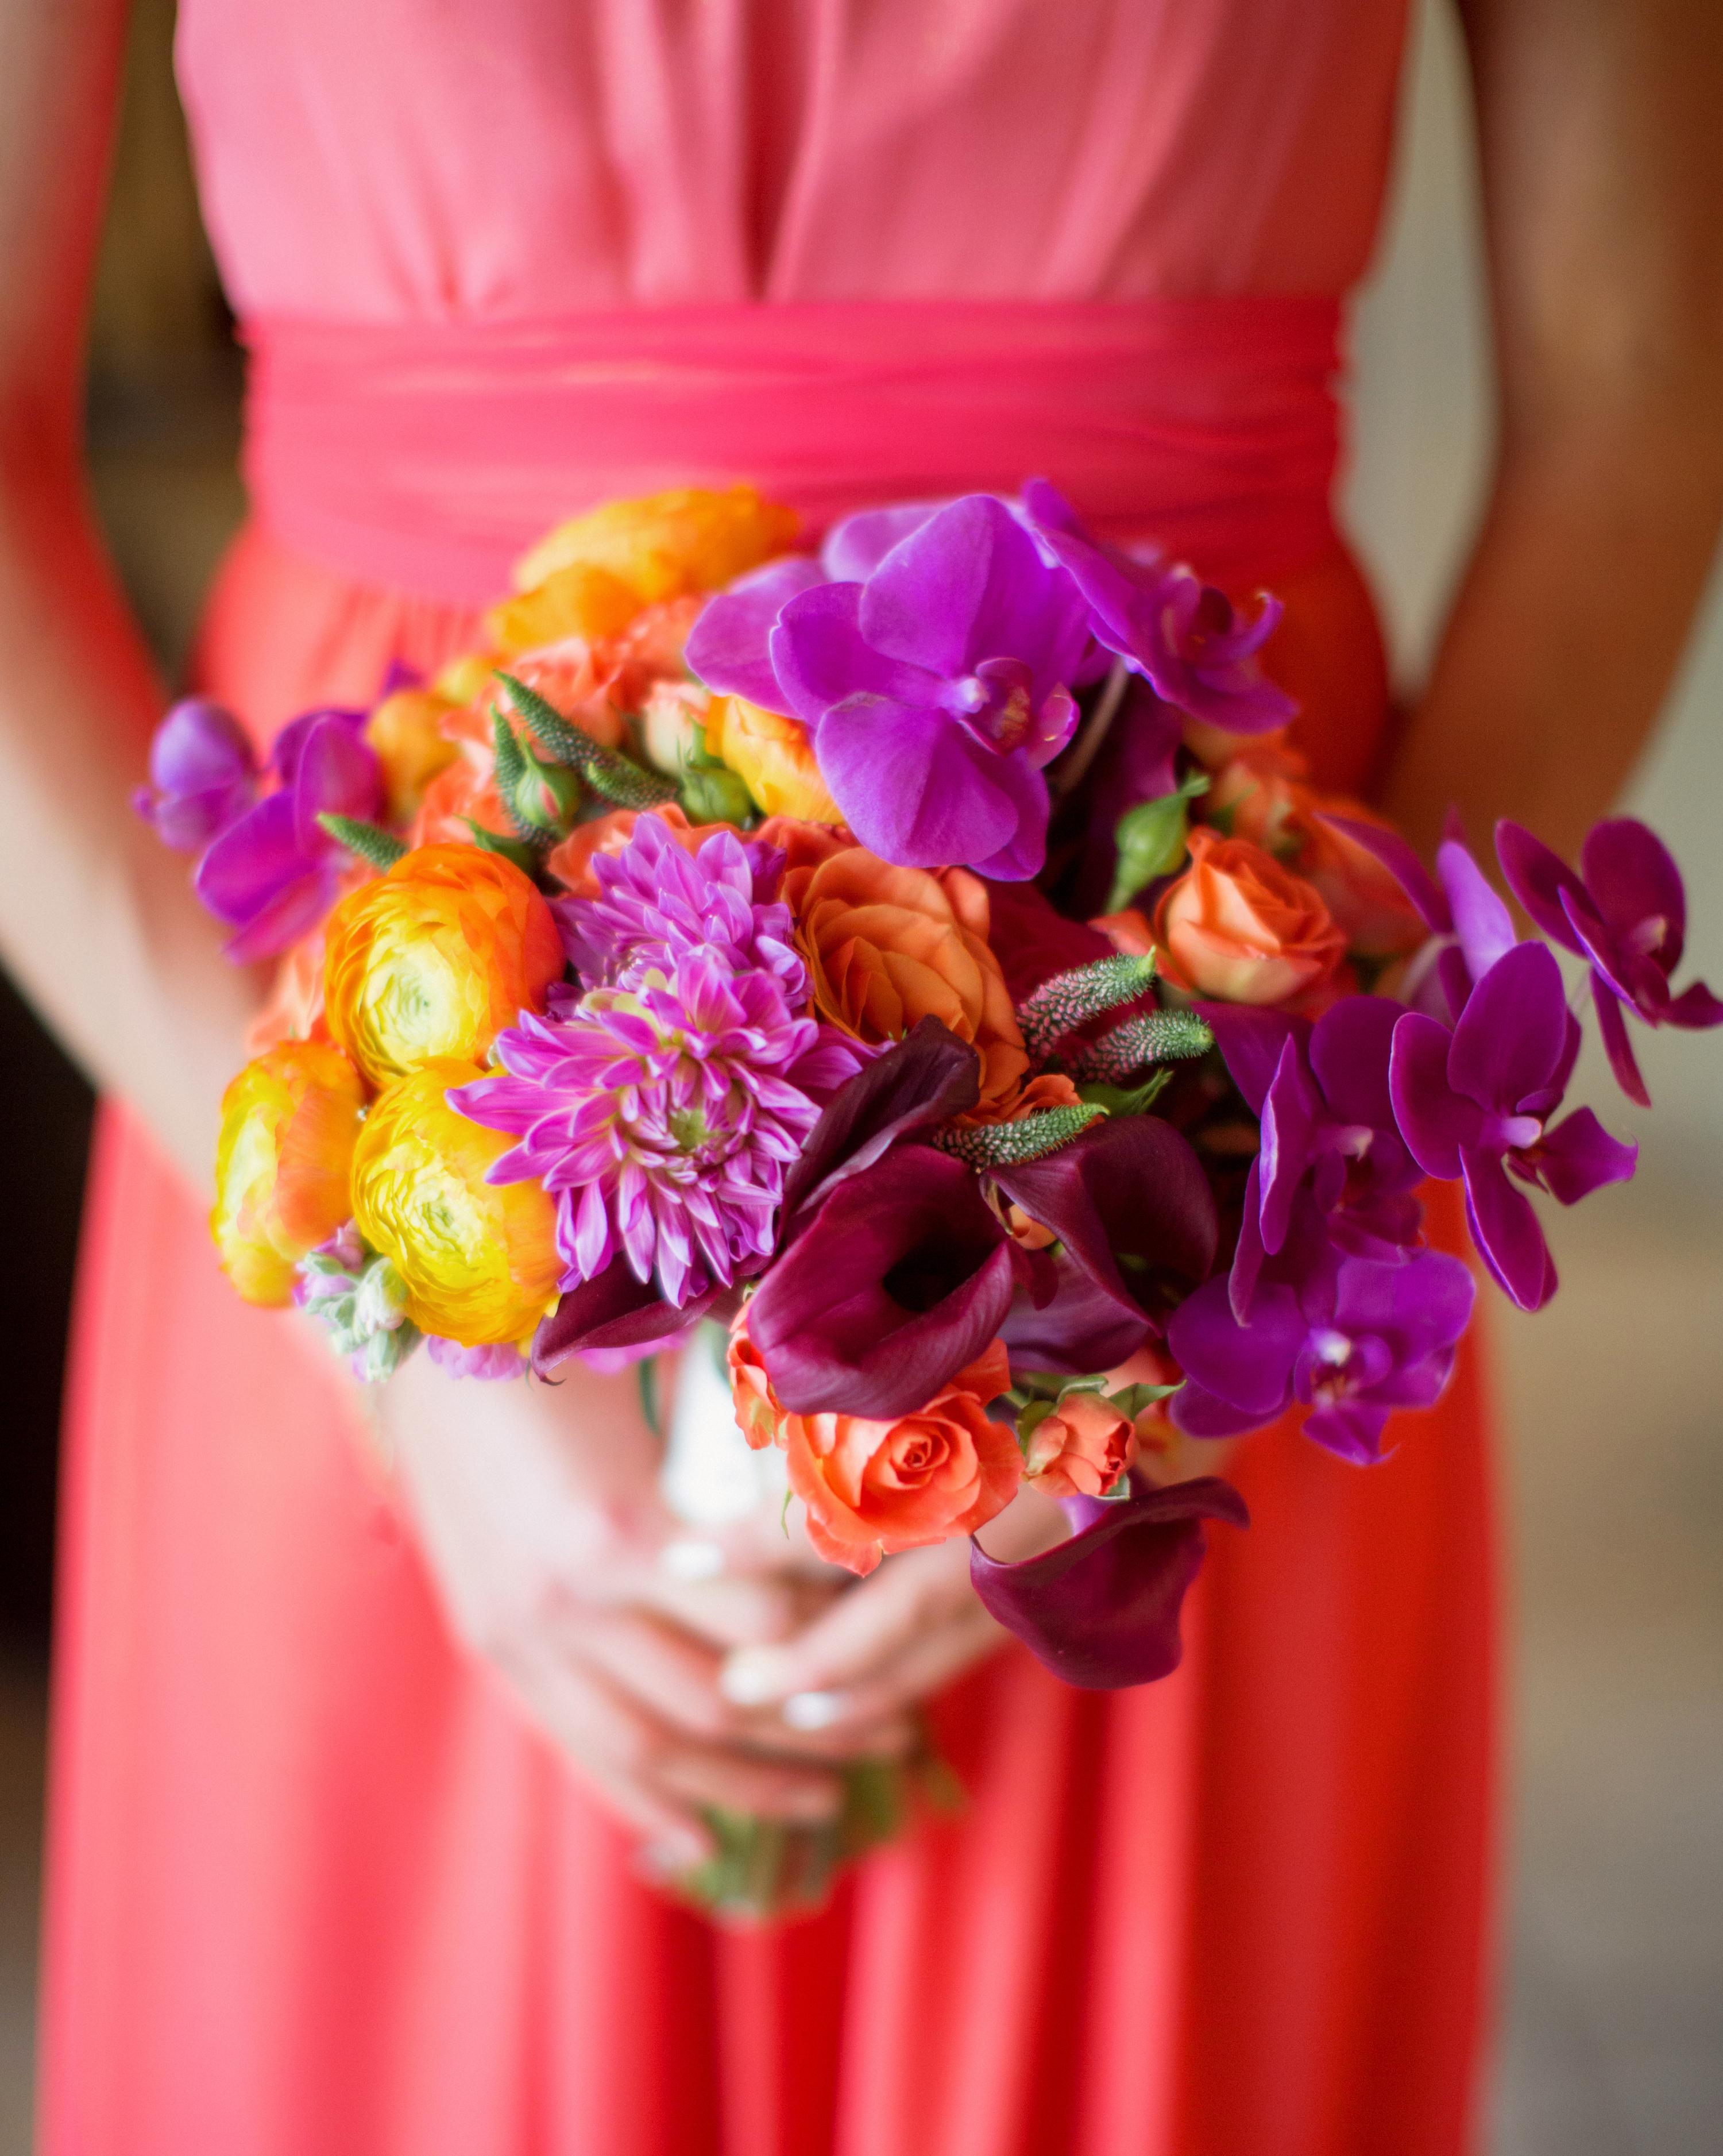 veronica-mathieu-wedding-bouquet-0742-s111501-1014.jpg